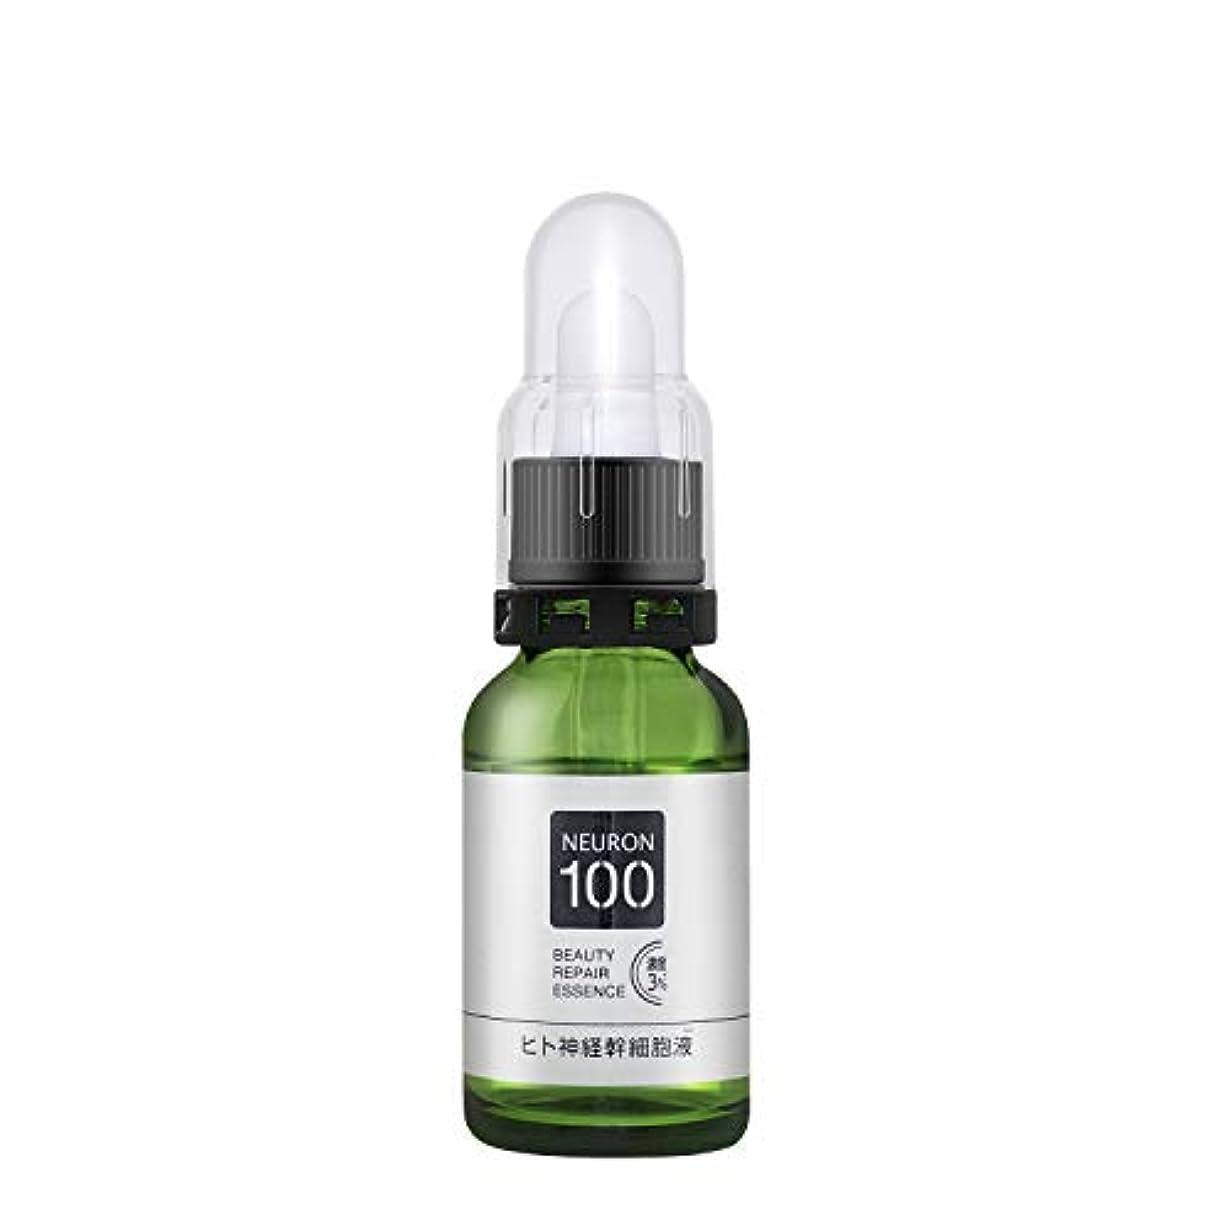 雑草神経衰弱毒エドニス ニューロン100 ヒト神経幹細胞ビューティーリペアエッセンス 濃度3% 美容液